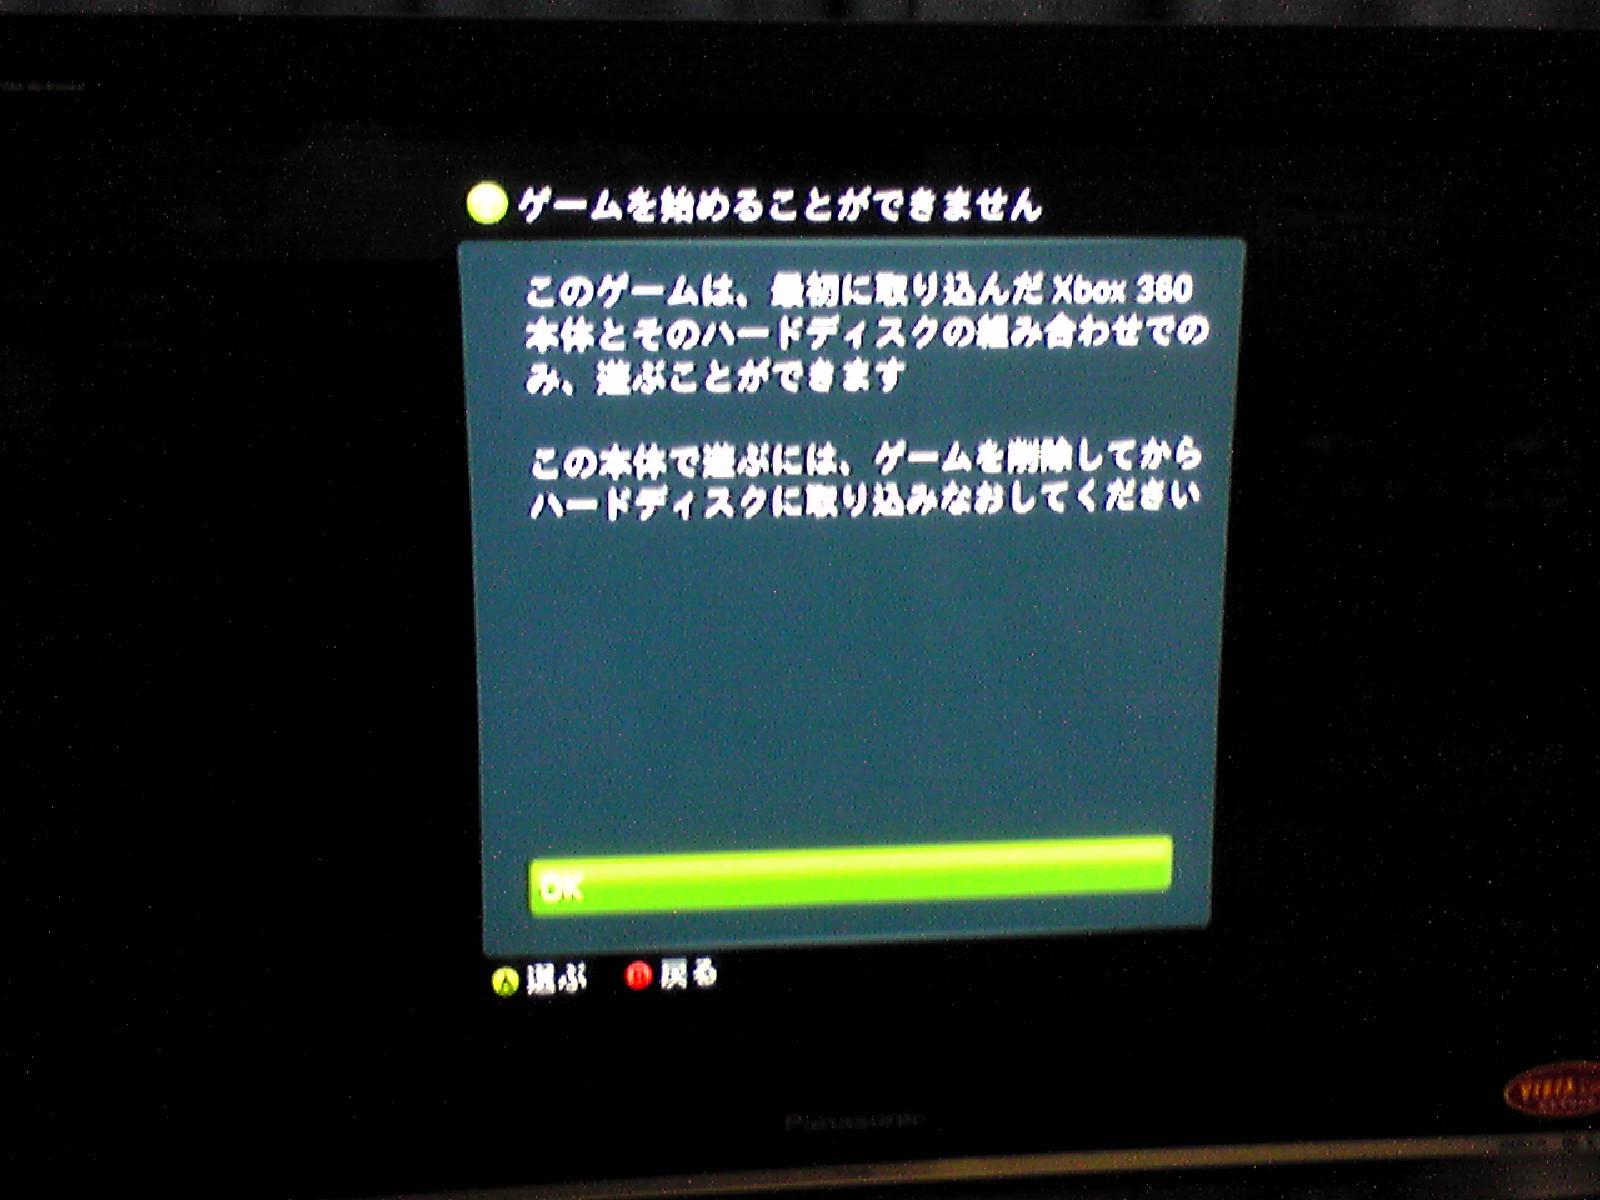 HDD インストールが無効になっている